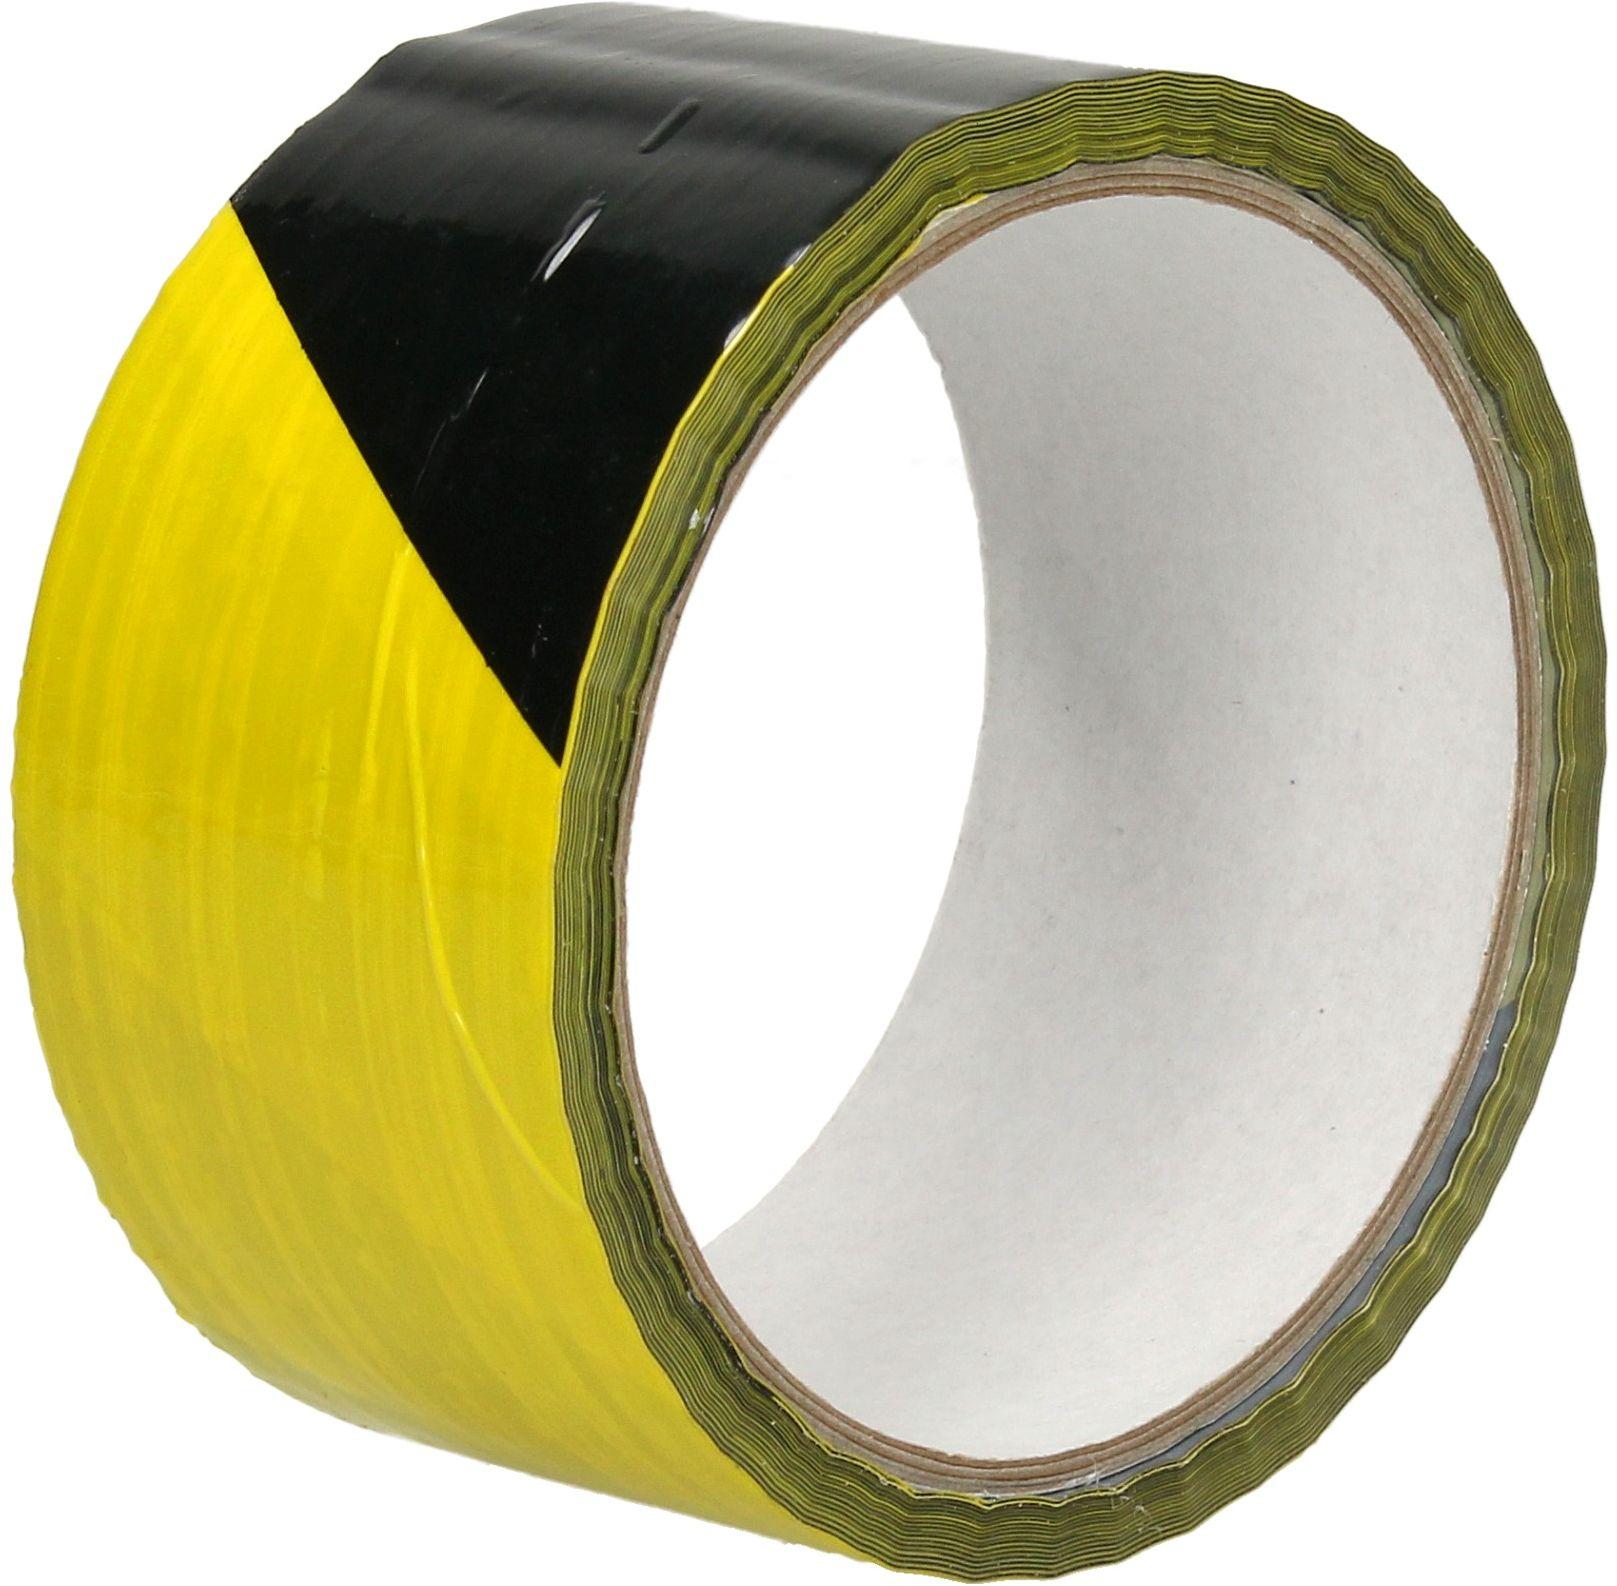 Taśma klejąca 48mmx33m żółto/czarna ostrzegawcza